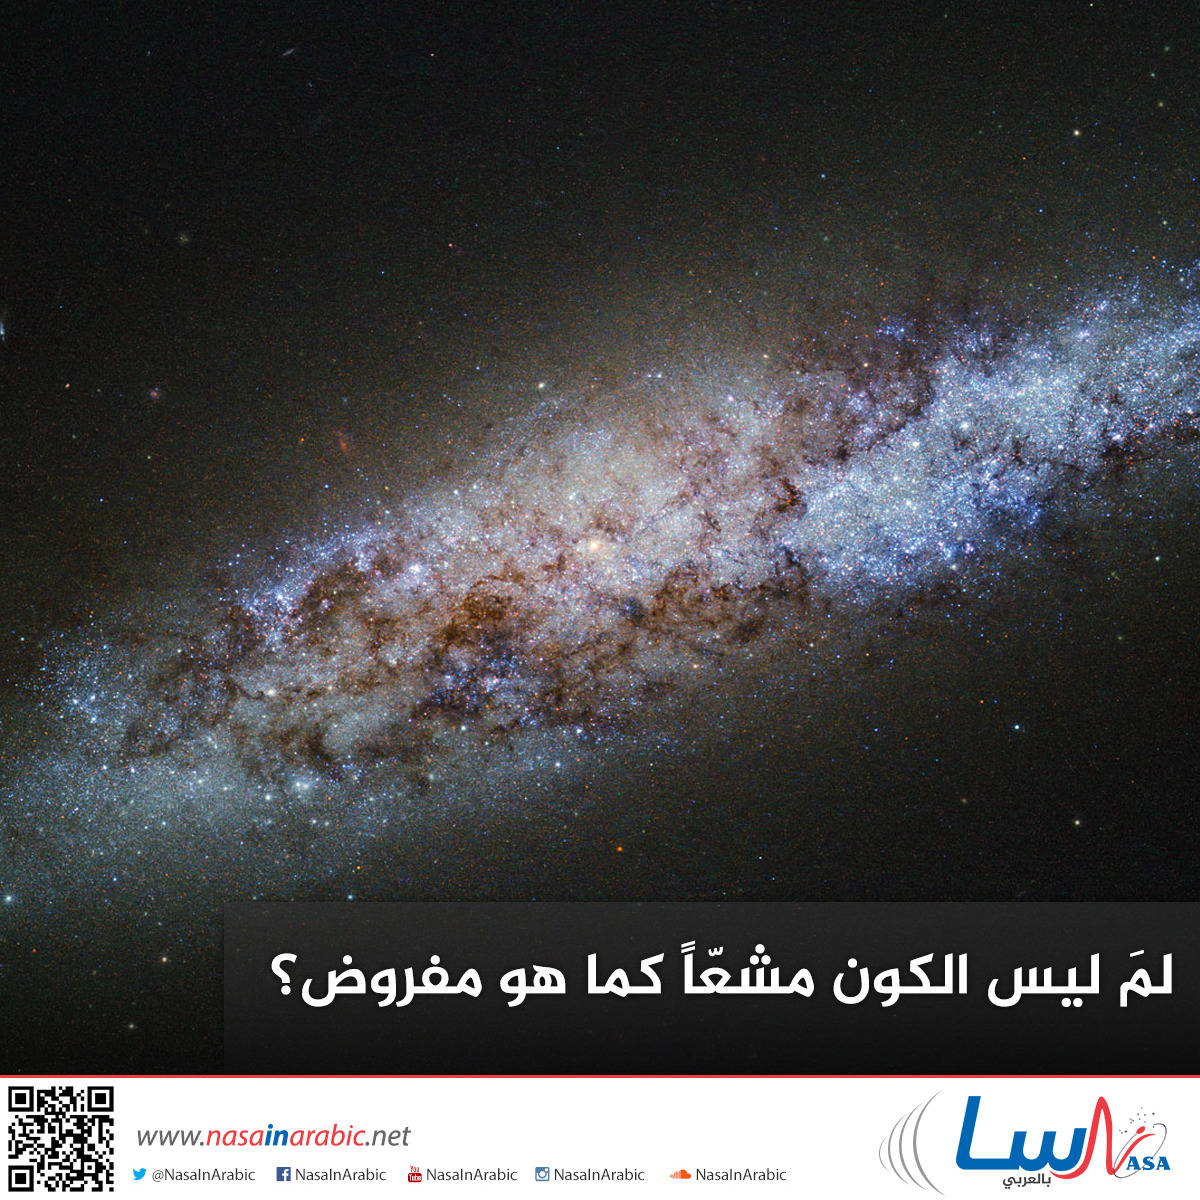 لمَ ليس الكون مشعّاً كما هو مفروض؟